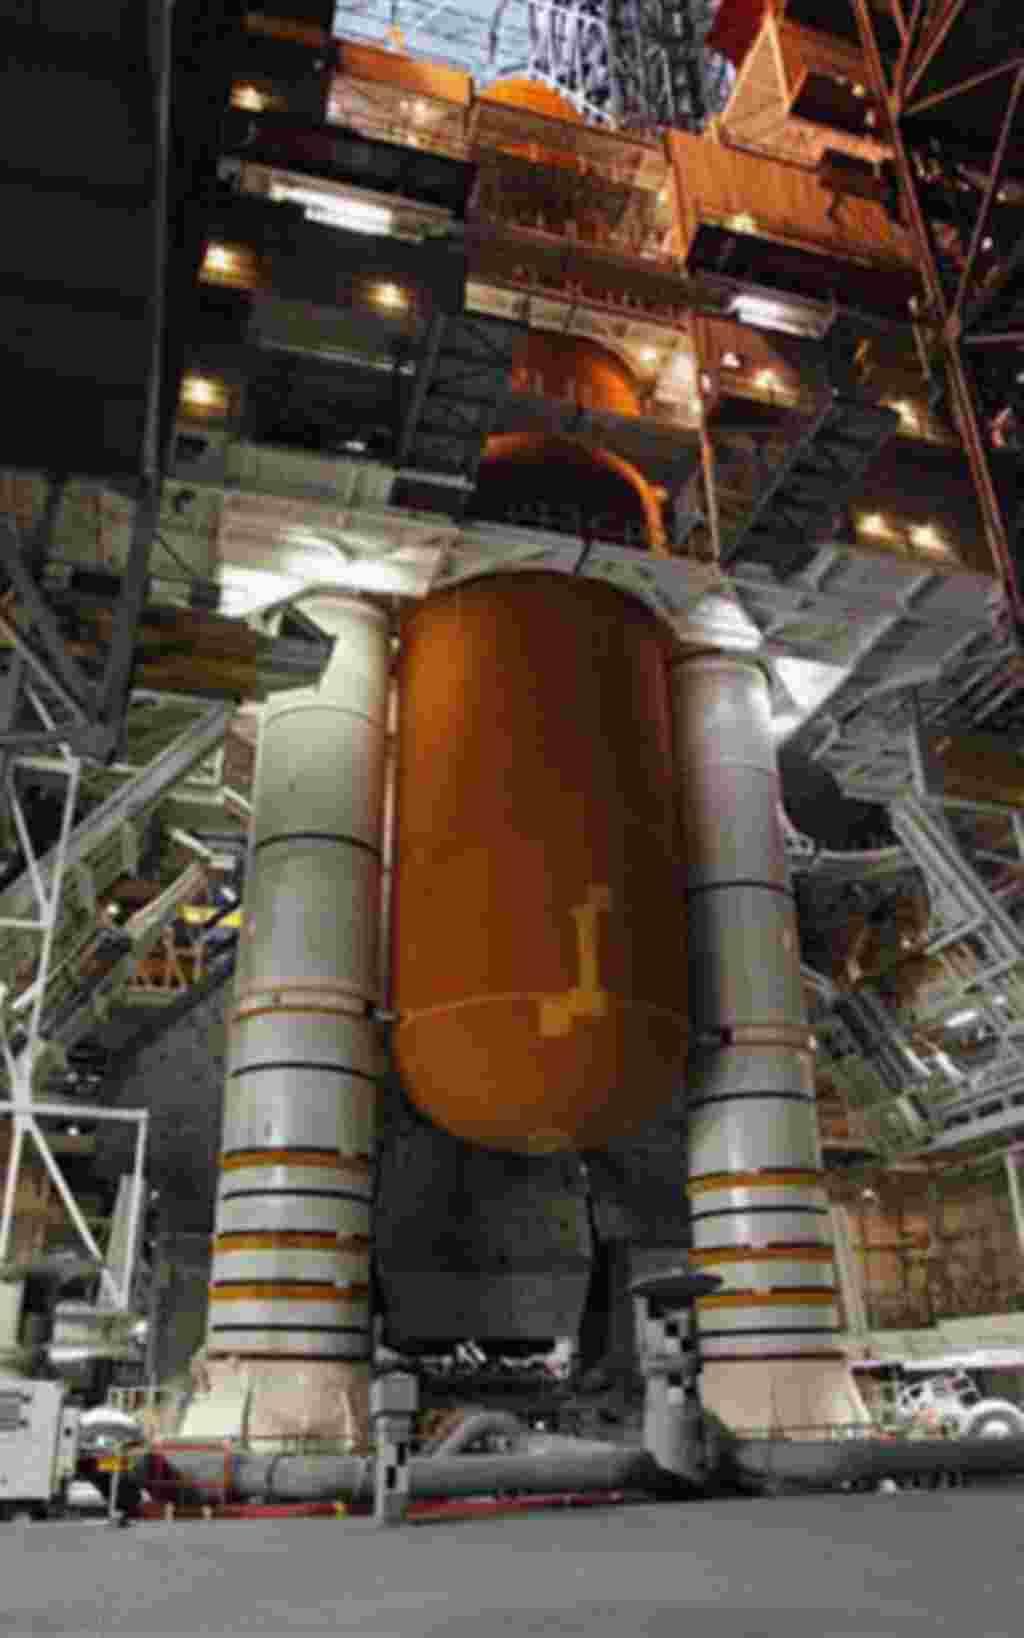 El trasbordador Discovery conectado al tanque tanque de combustible en la base espacial Kennedy, en Cabo Cañaveral, Florida.